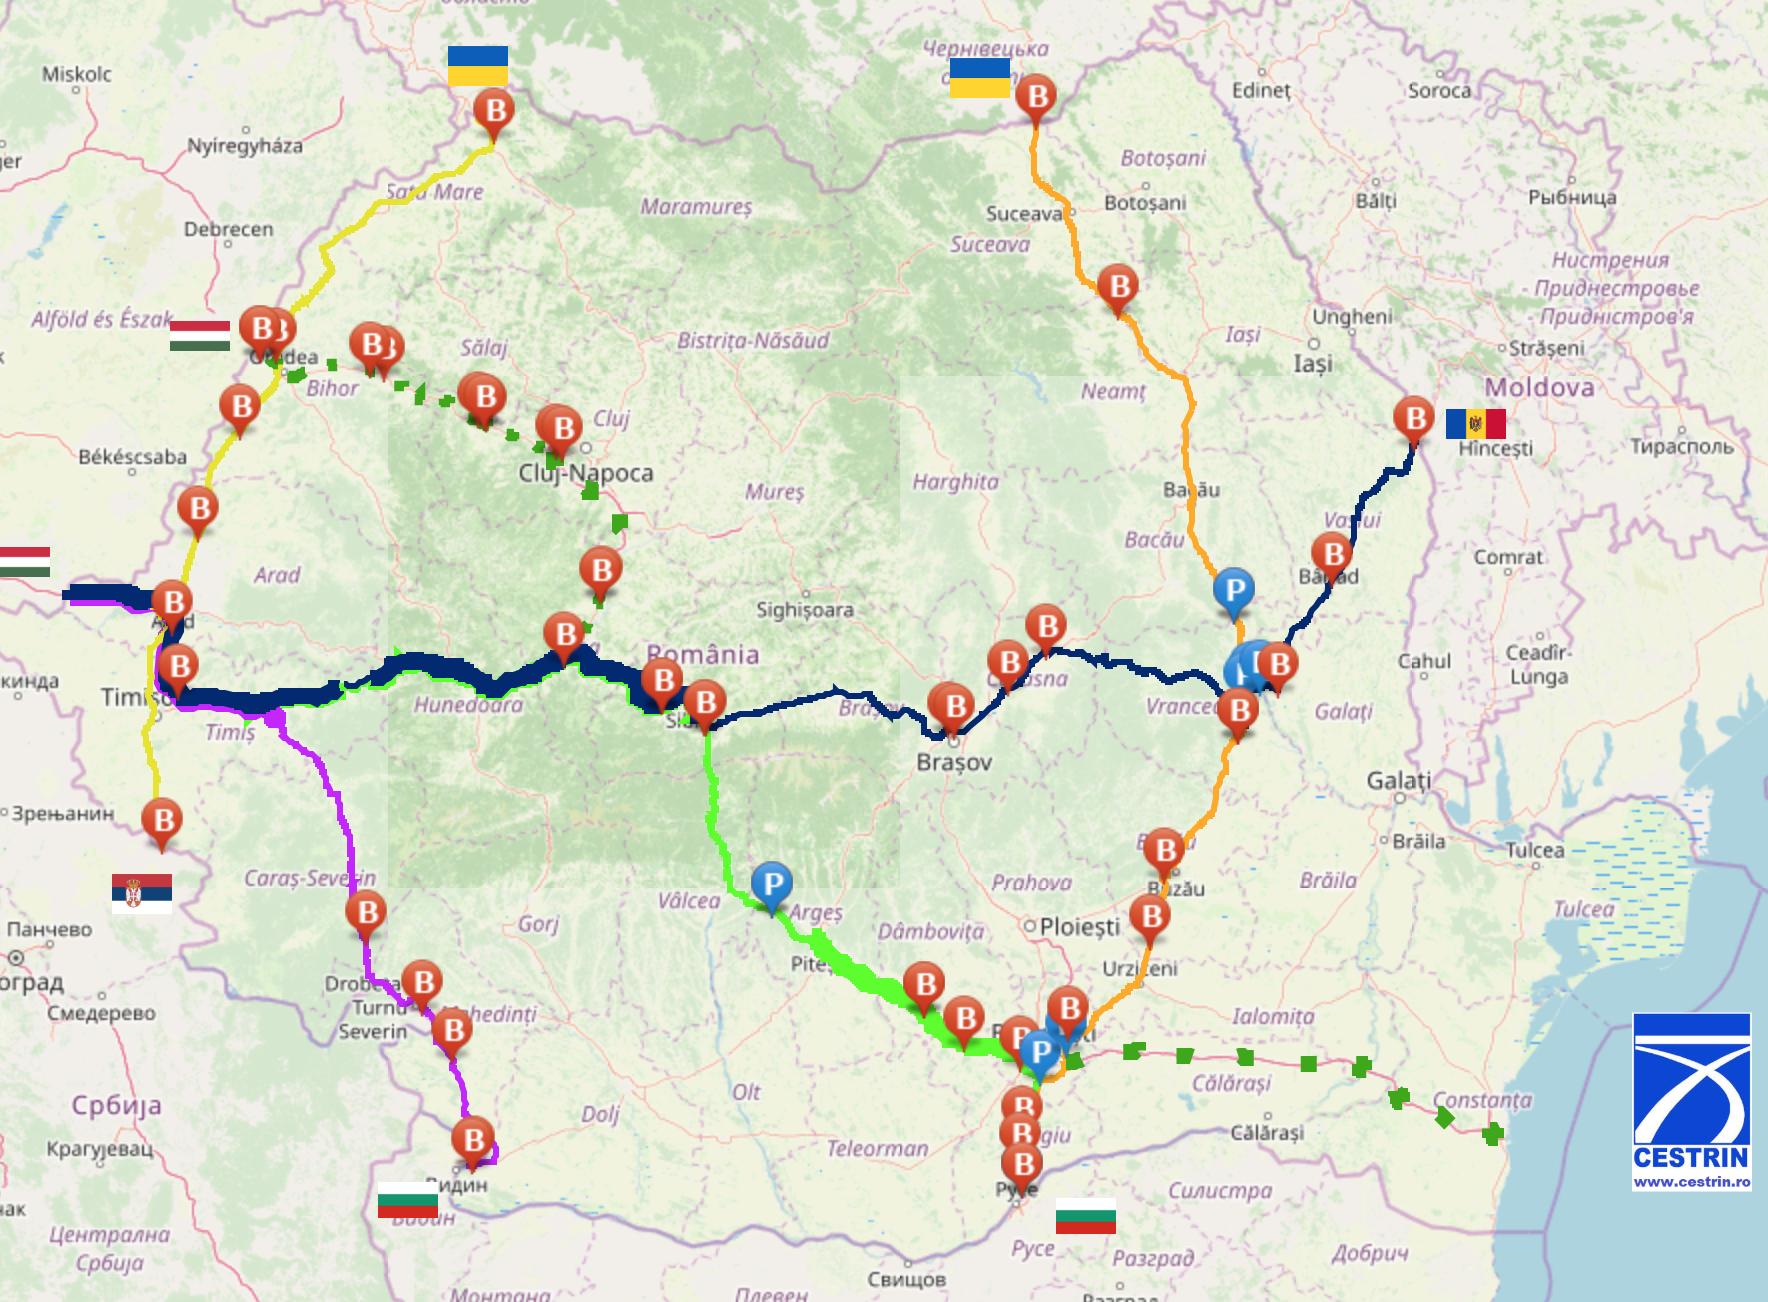 Coridoare de tranzit pentru transportul mărfurilor în România